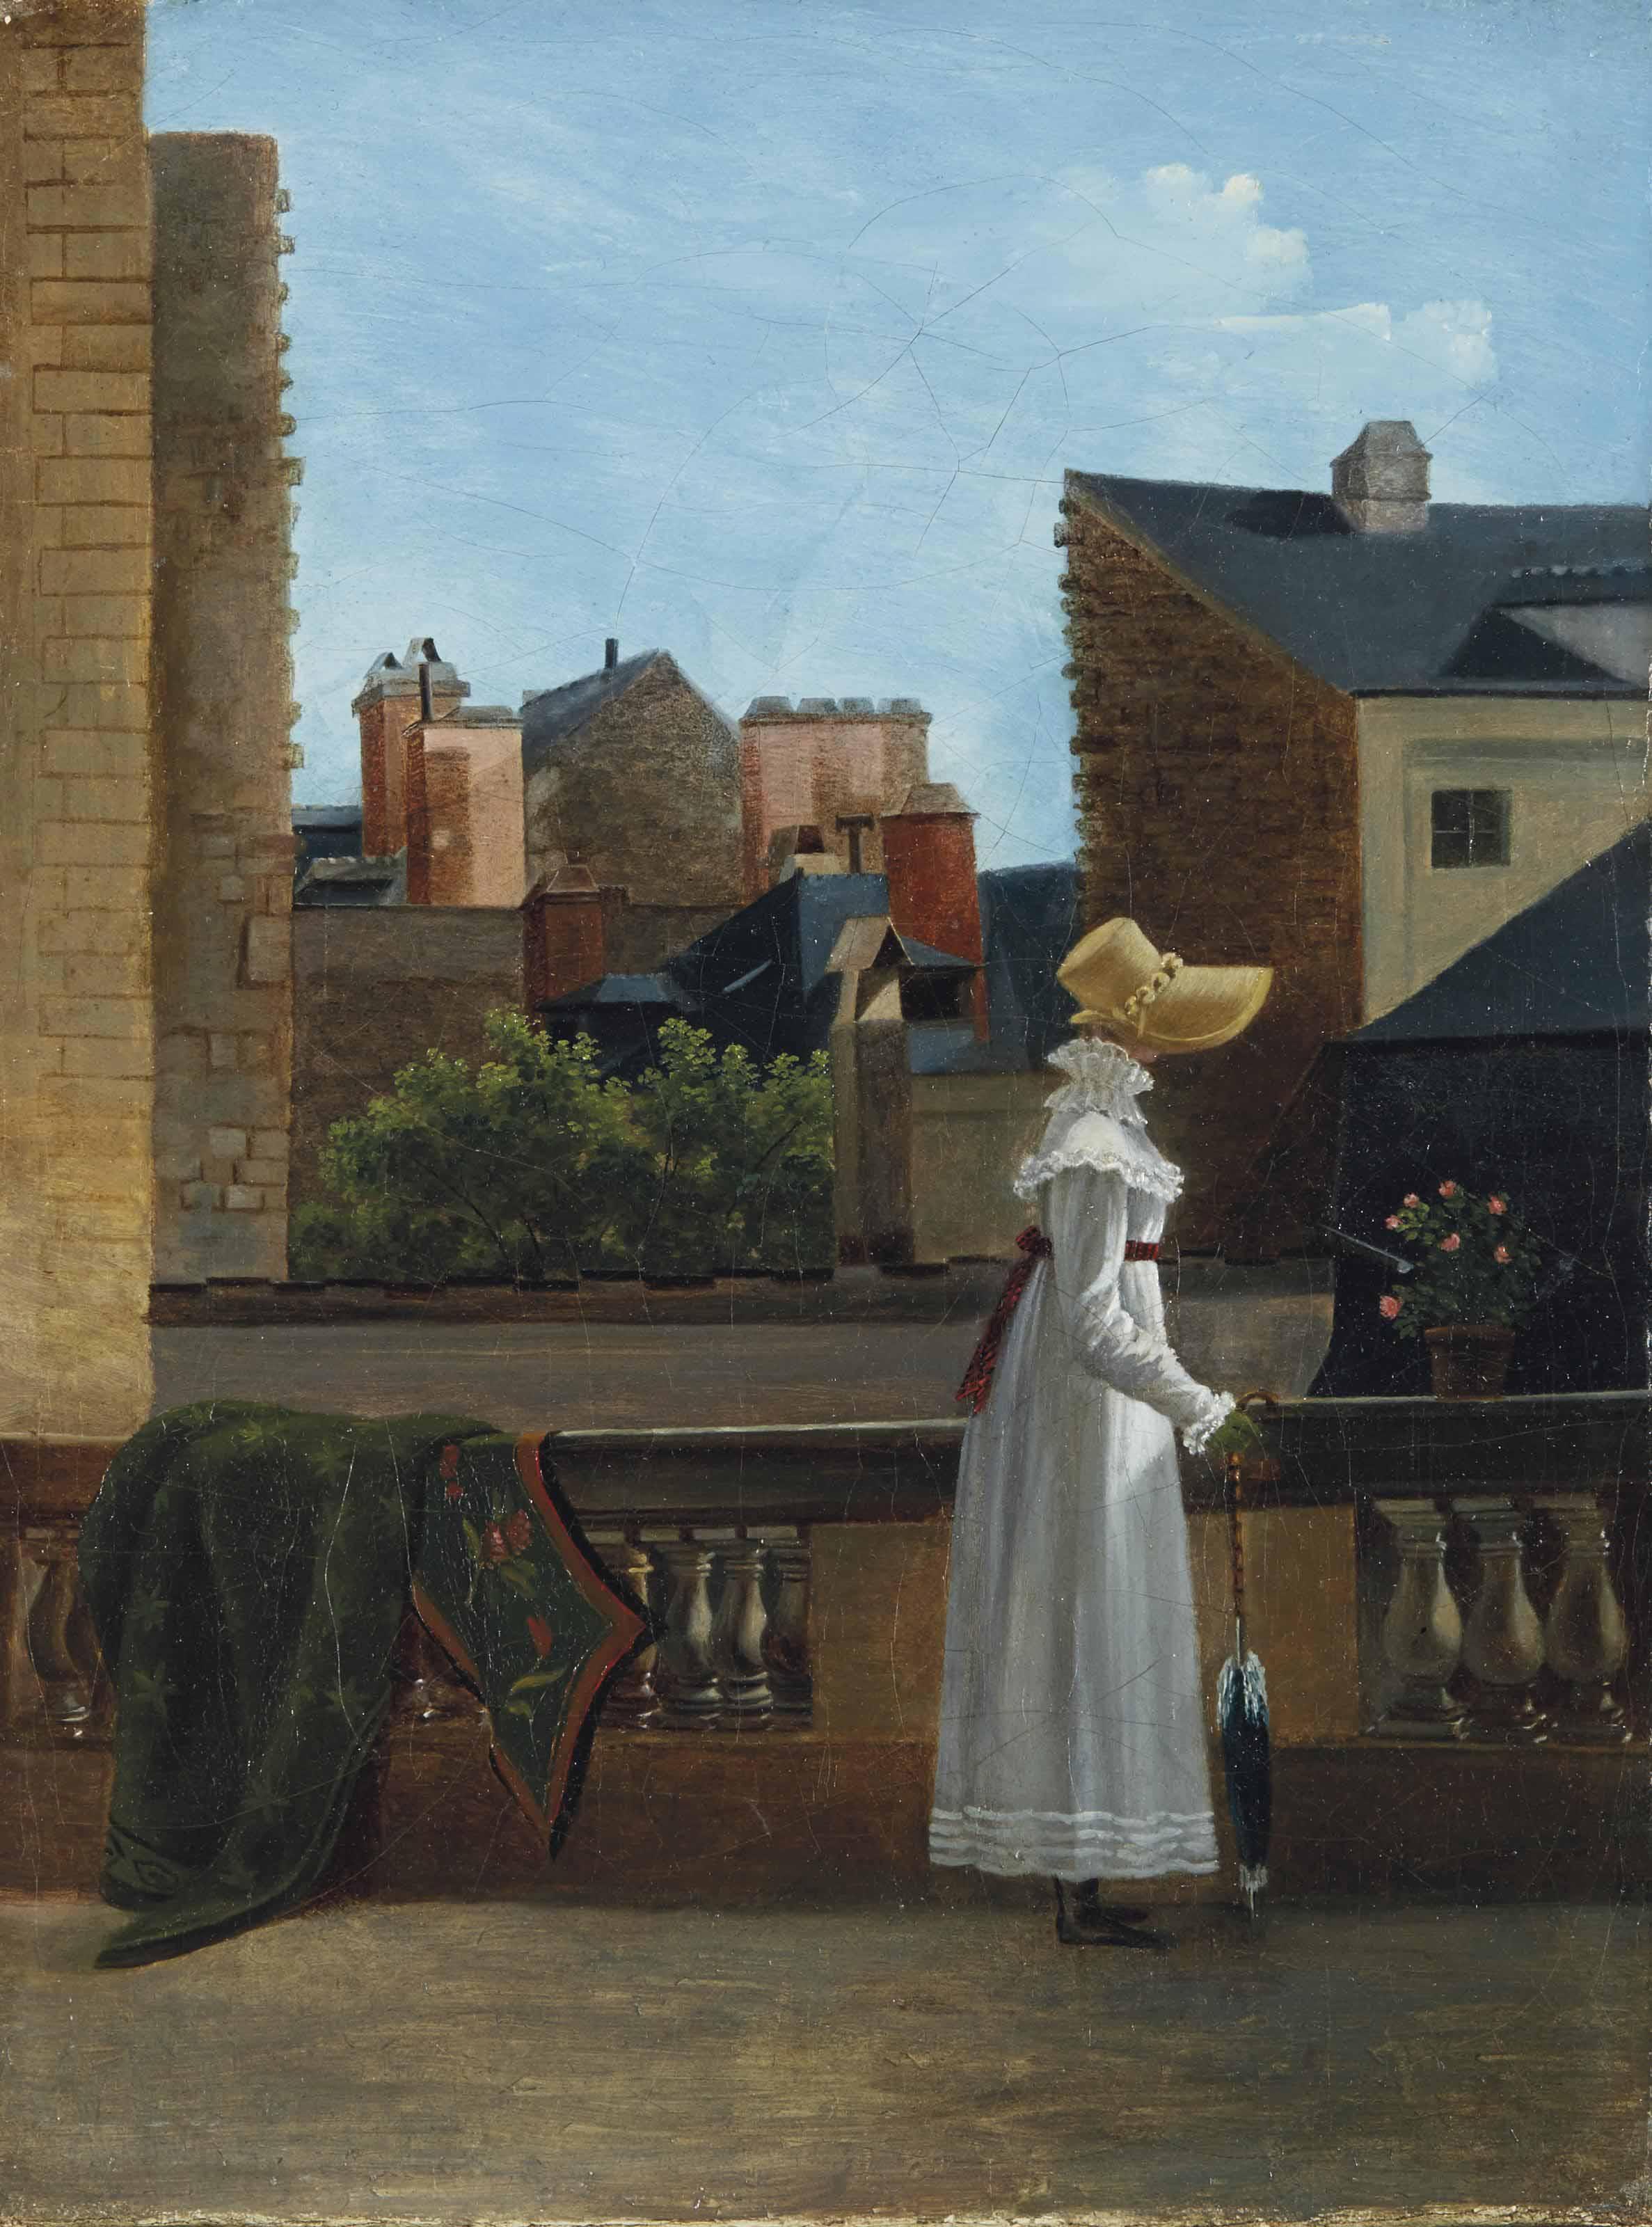 Elégante sur une terrasse avec une vue de ville en arrière-plan